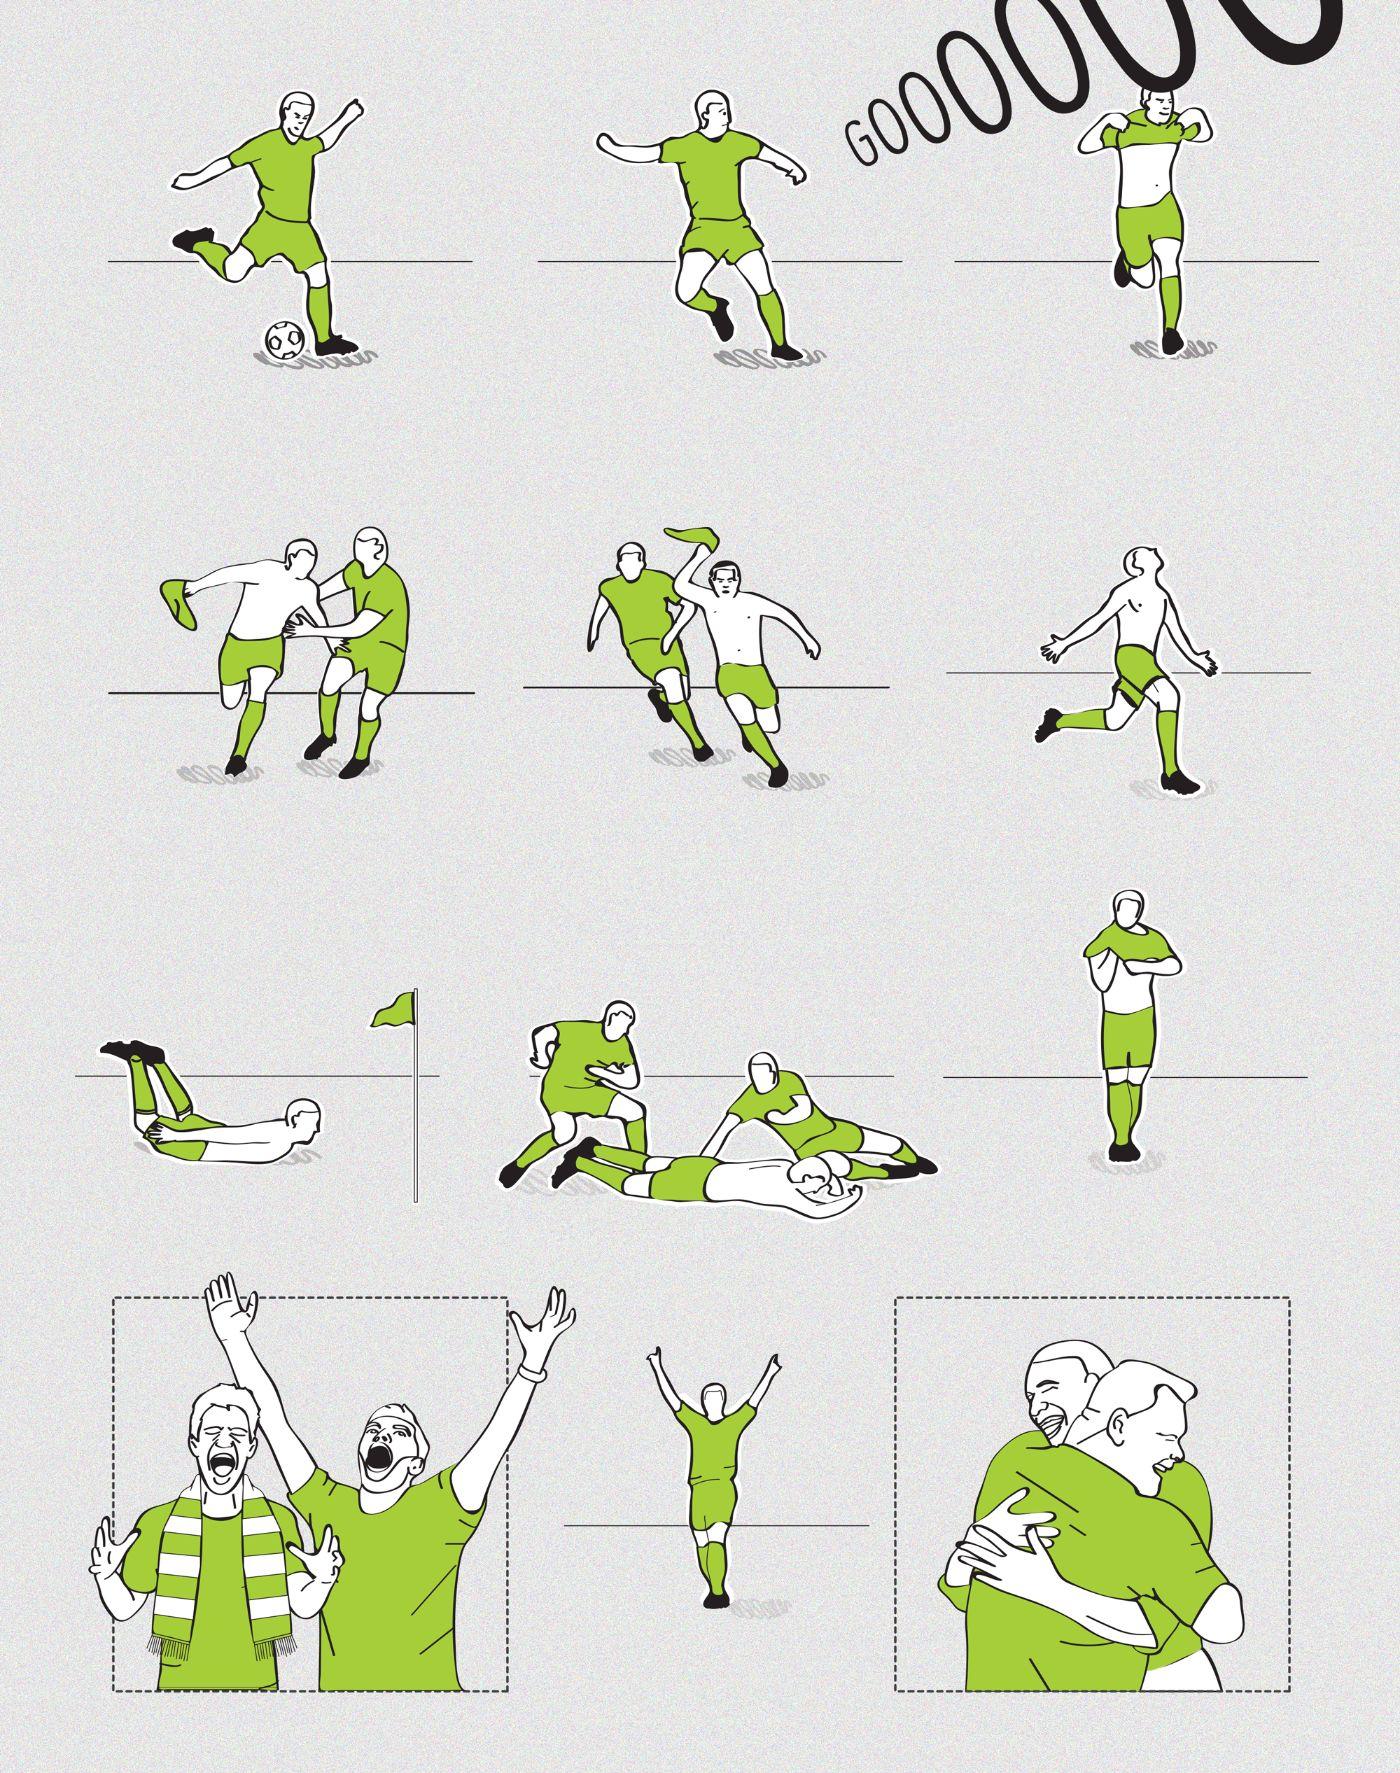 MODERN-FOOTBALL-1